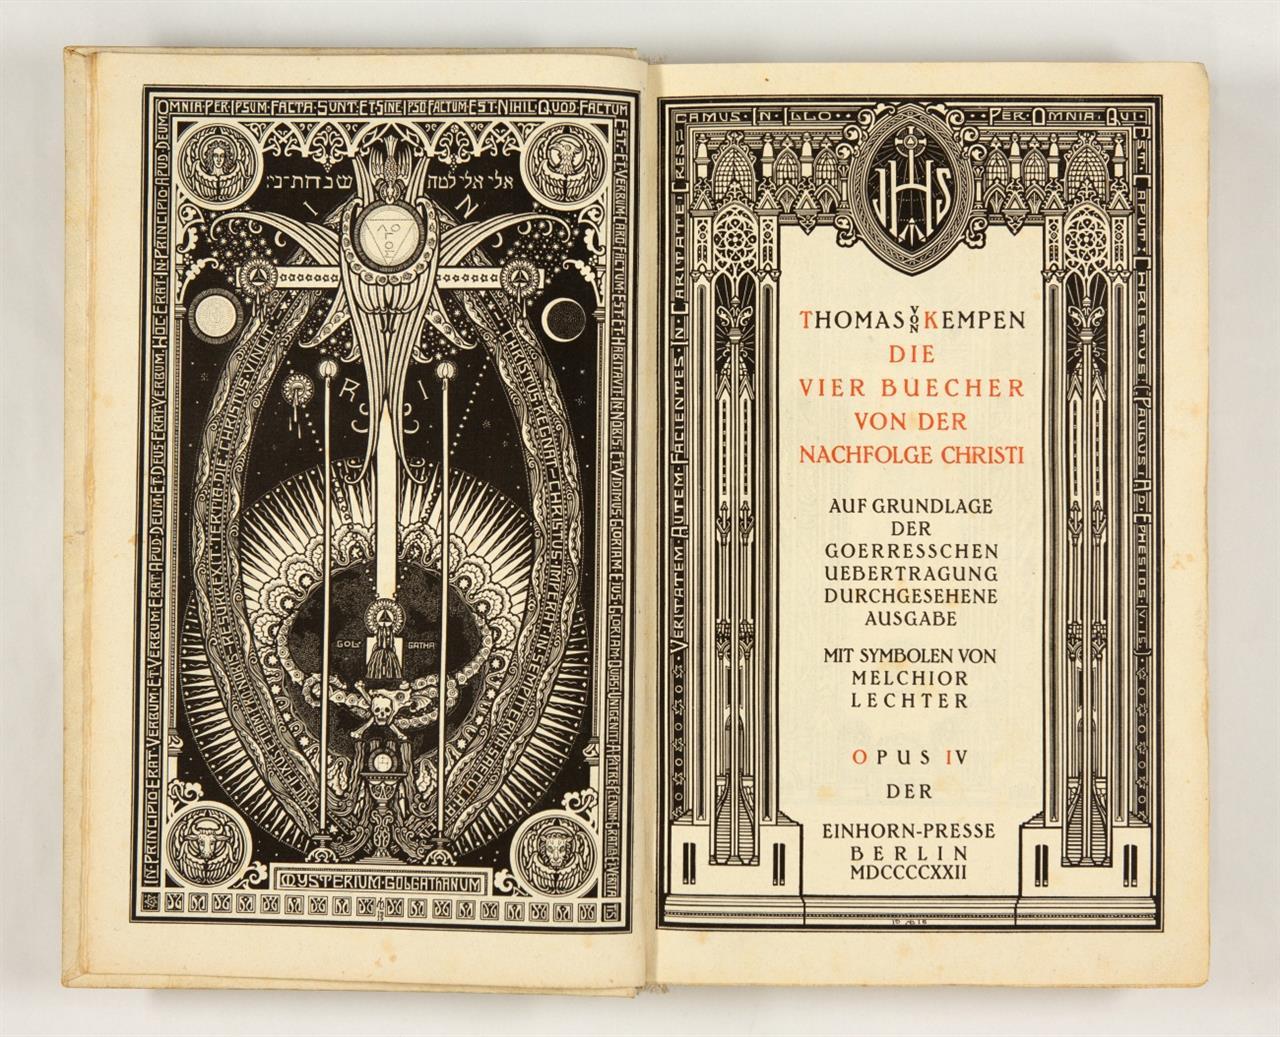 Thomas v. Kempen / M. Lechter, Die vier Bücher von der Nachfolge Christi. Bln., Einhorn-Presse 1922 (Opus IV). - Ex. 384/1000.